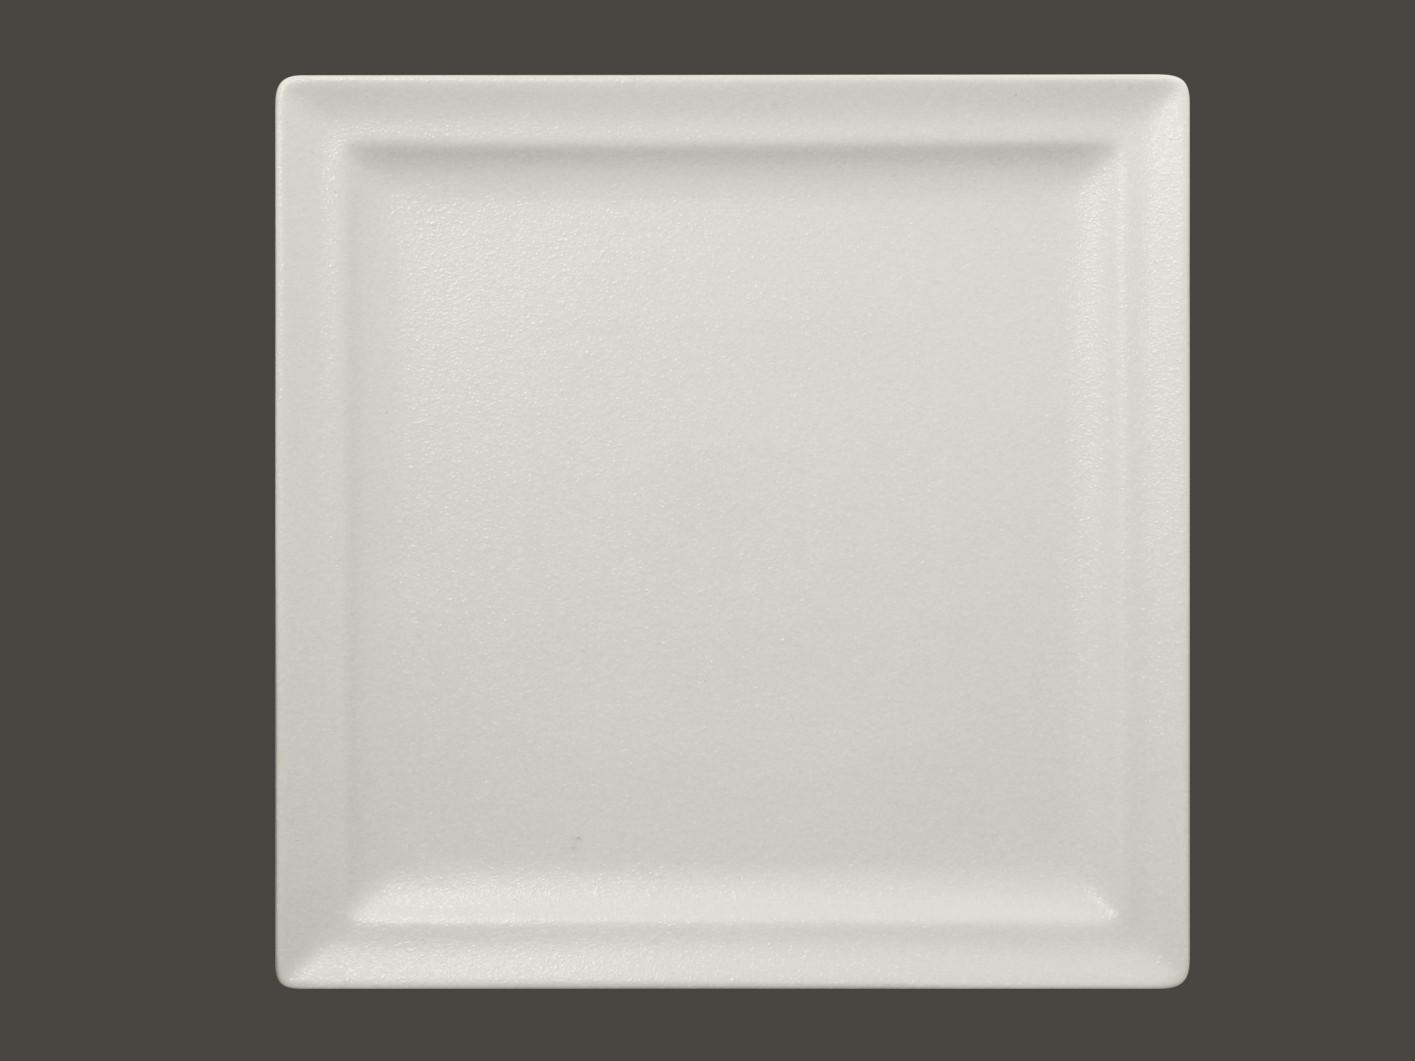 Čtvercový mělký talíř - bílá Neofusion